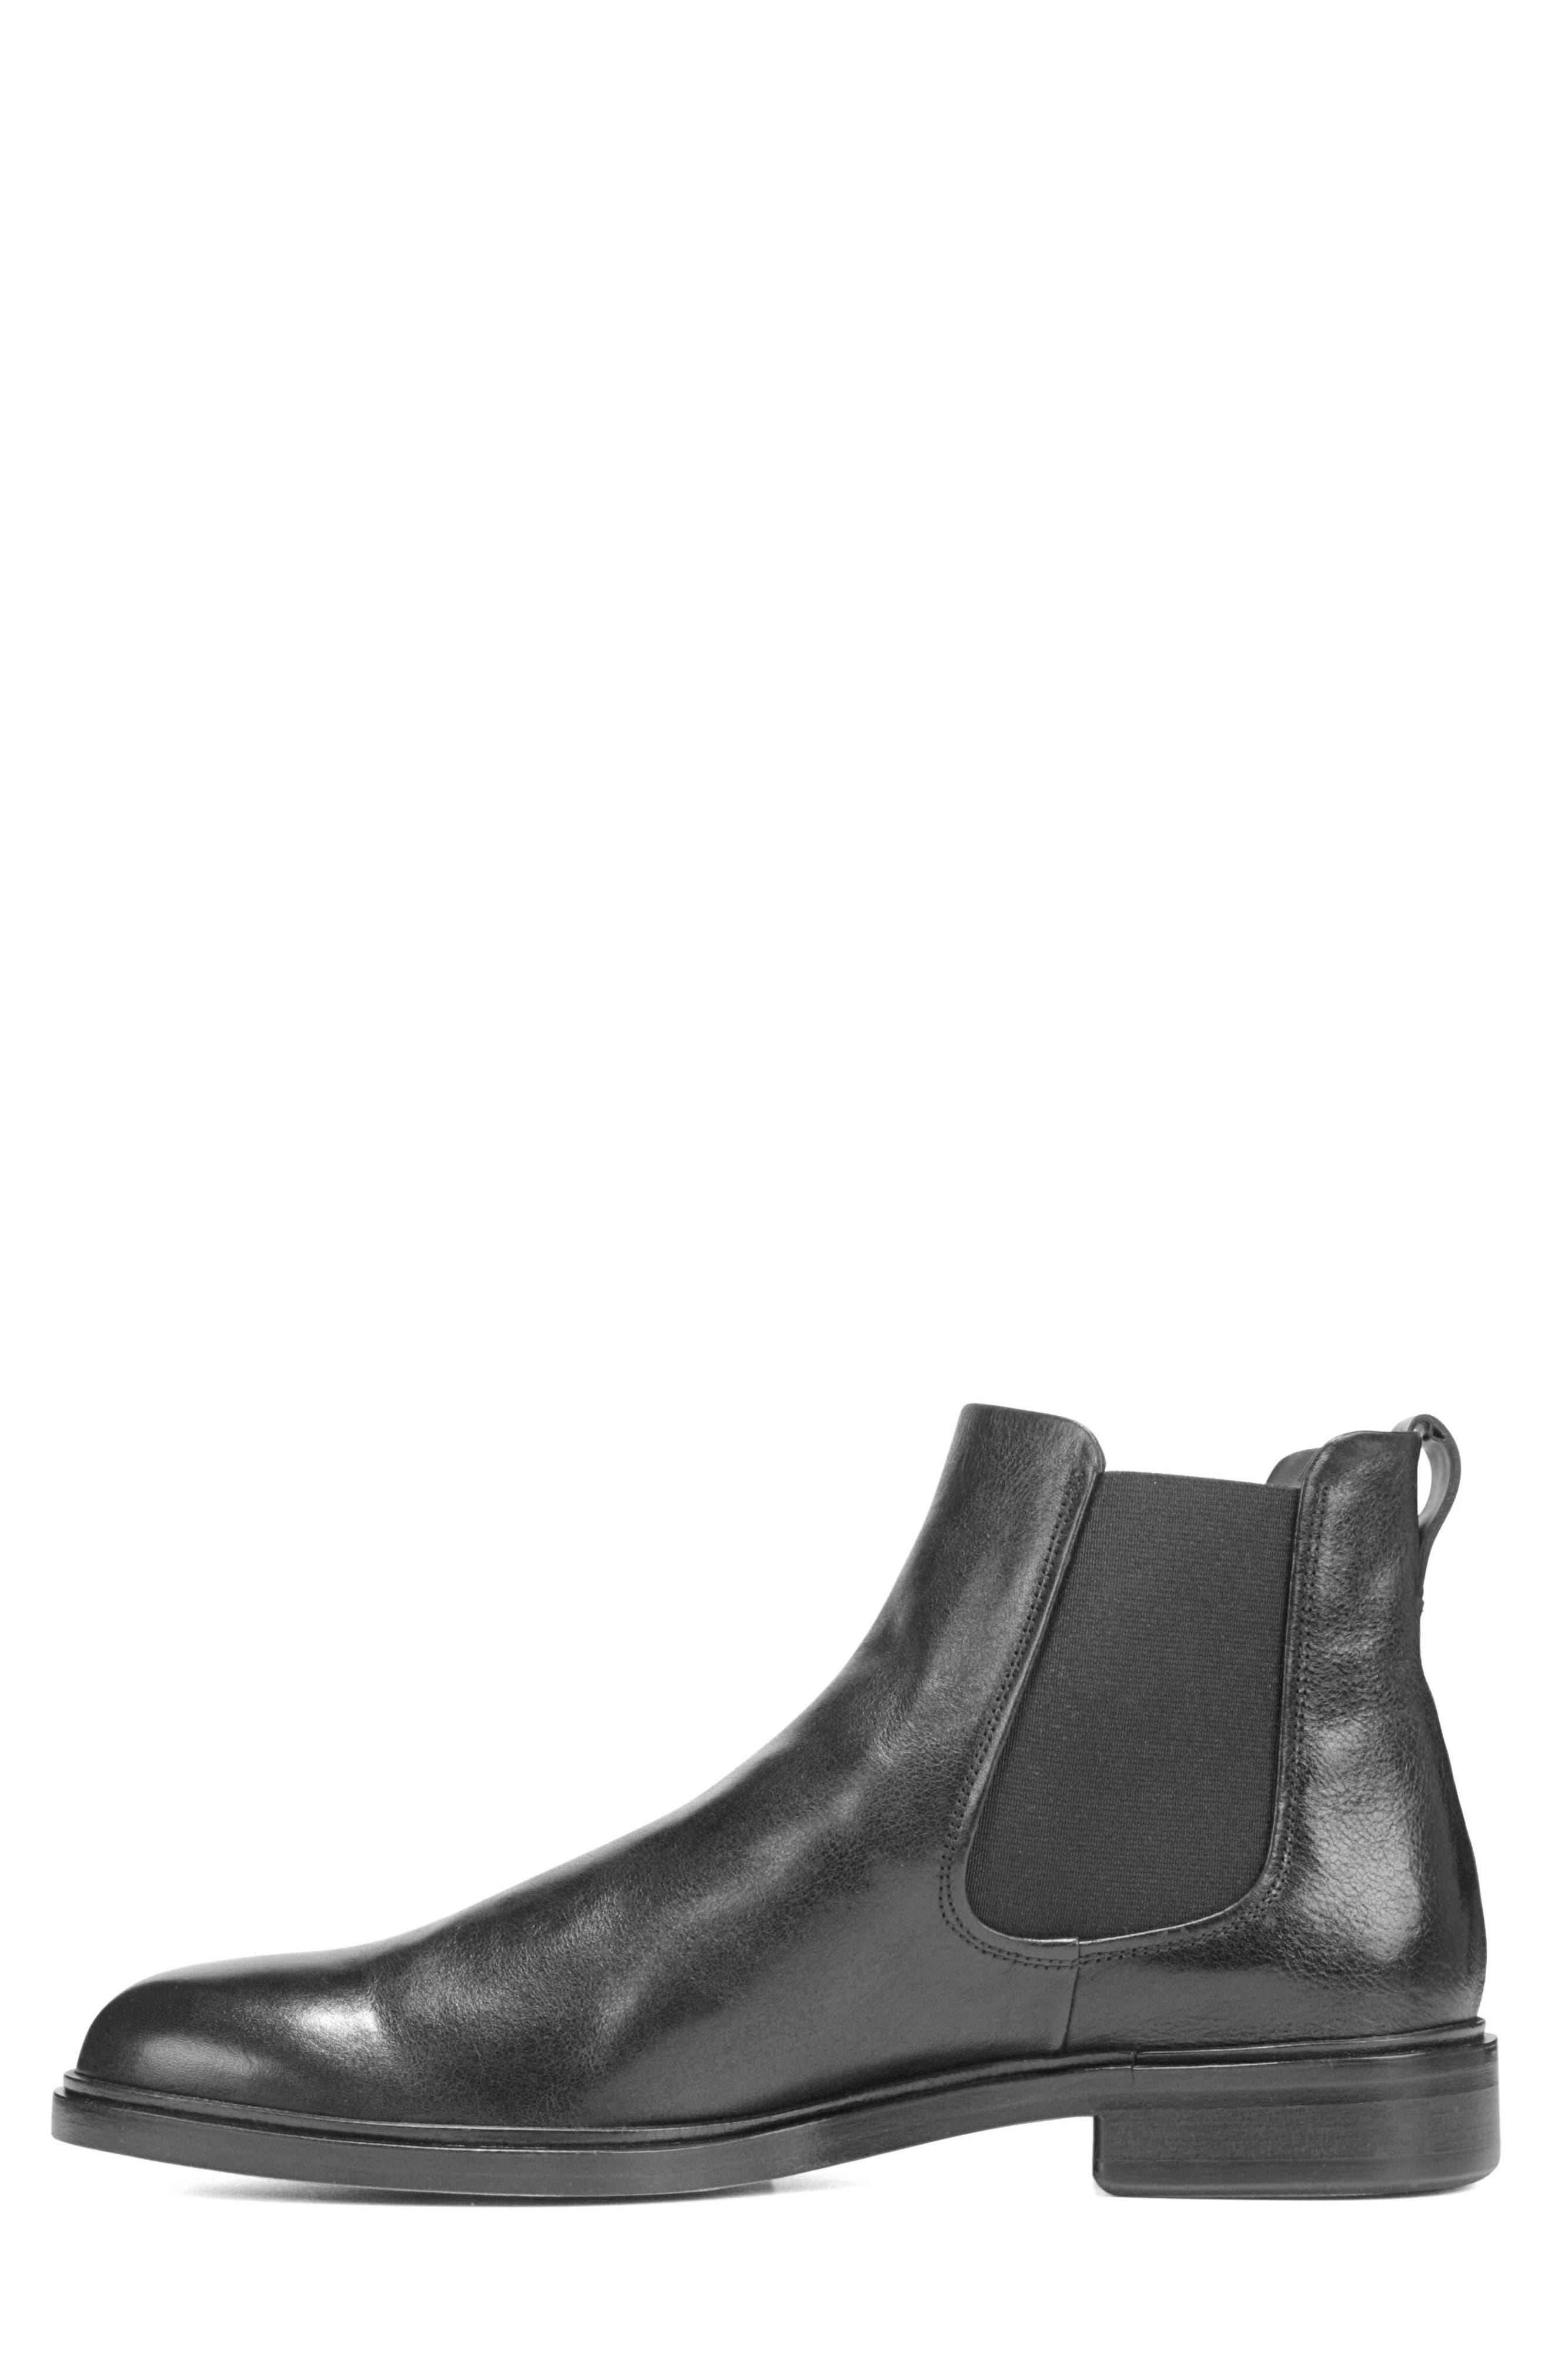 VINCE, Burroughs Chelsea Boot, Alternate thumbnail 3, color, BLACK